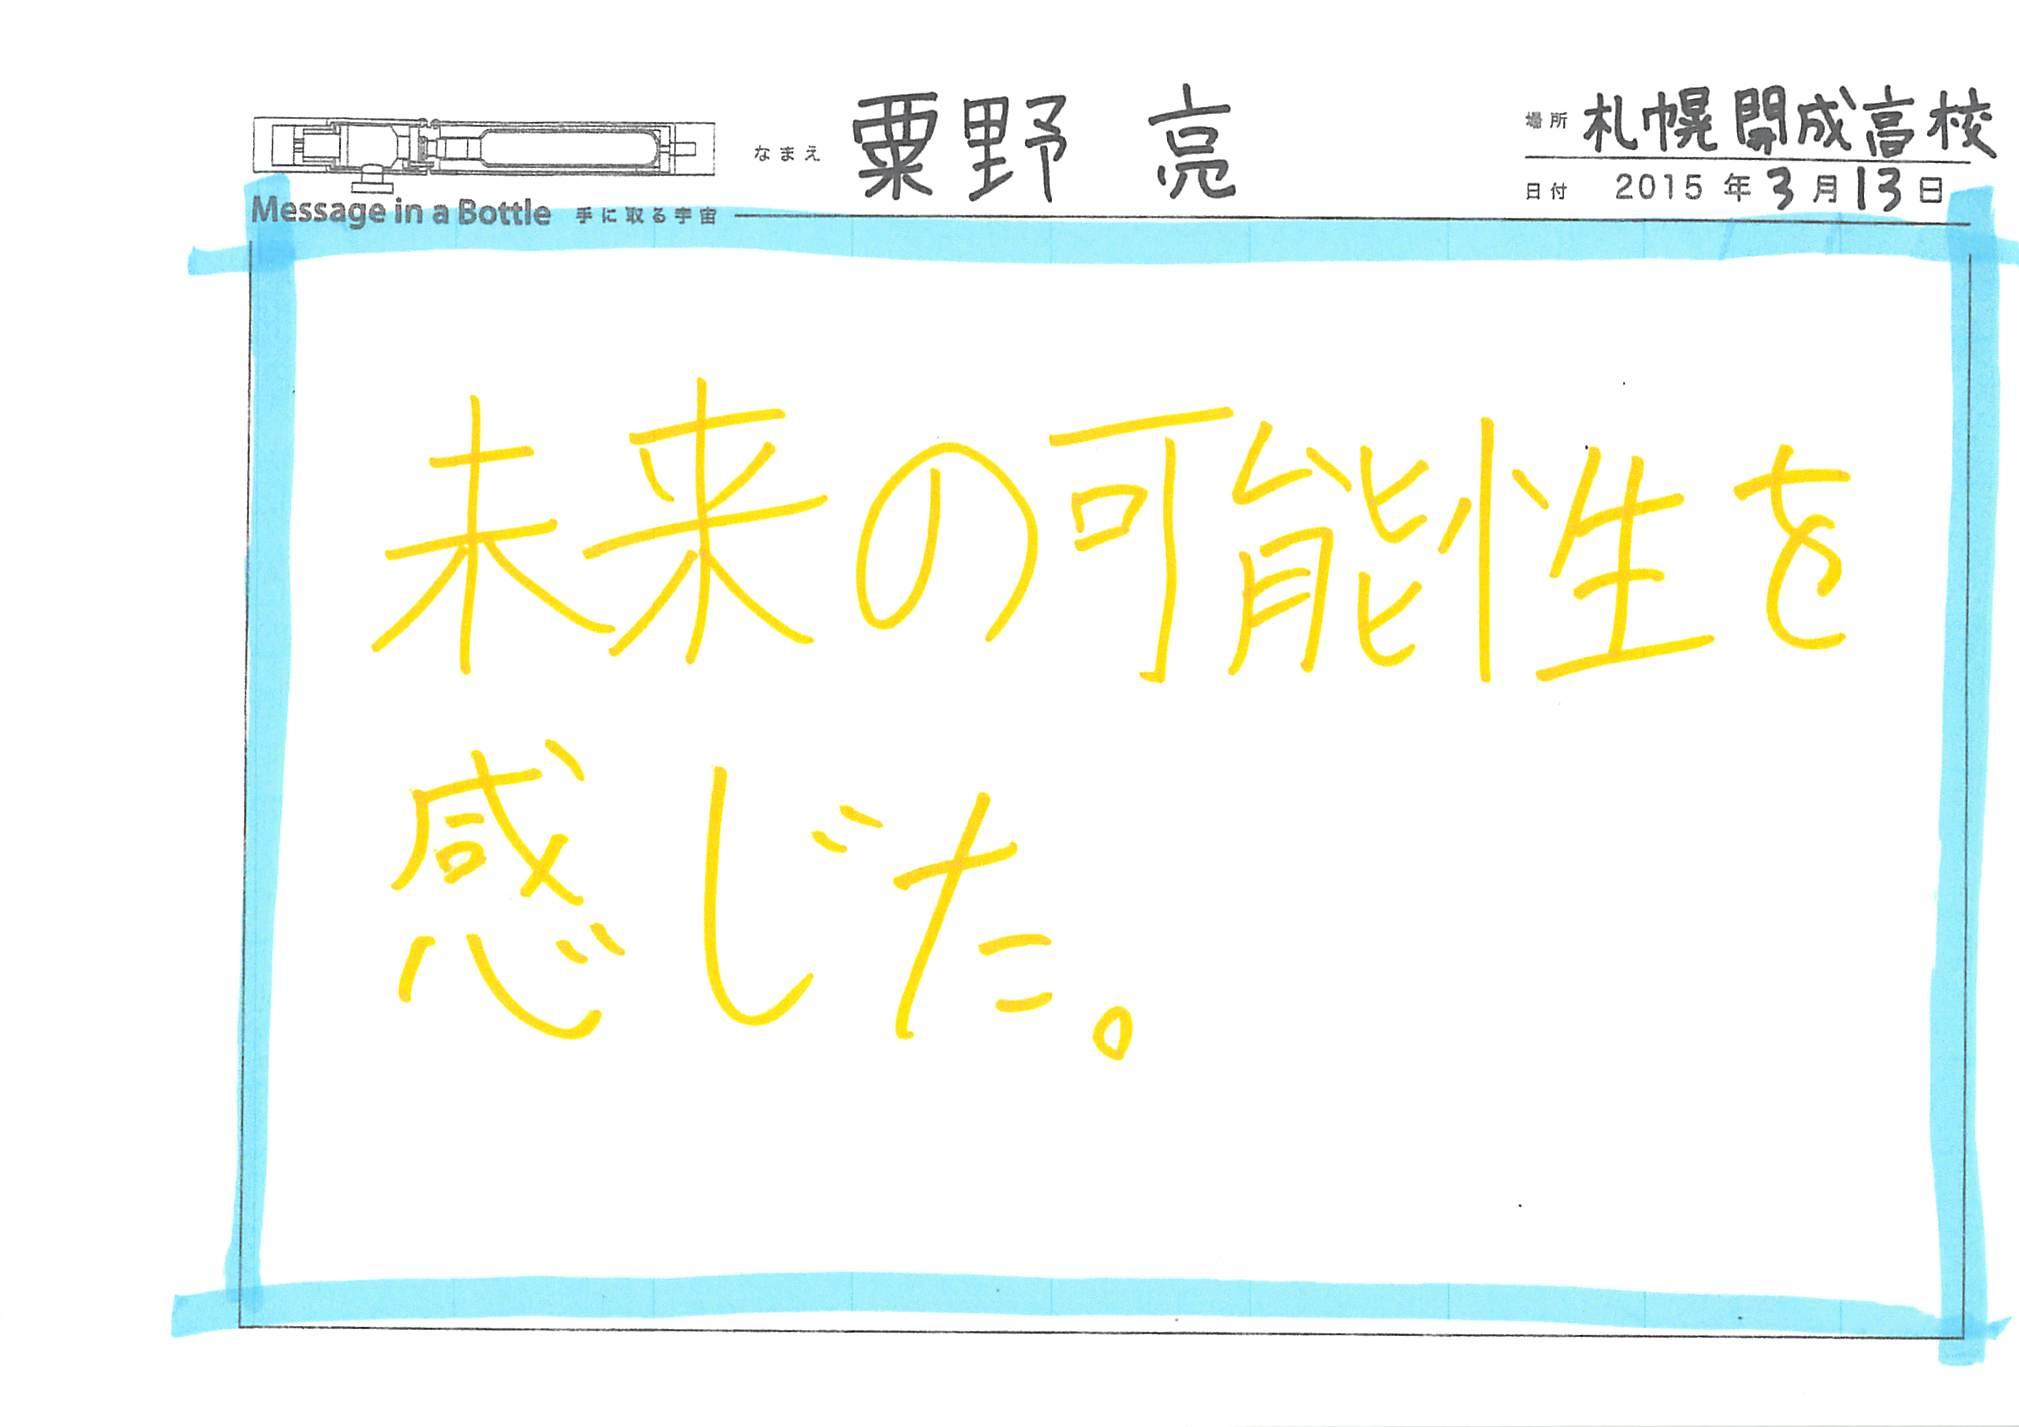 2015-04-09-21-12-59.jpg